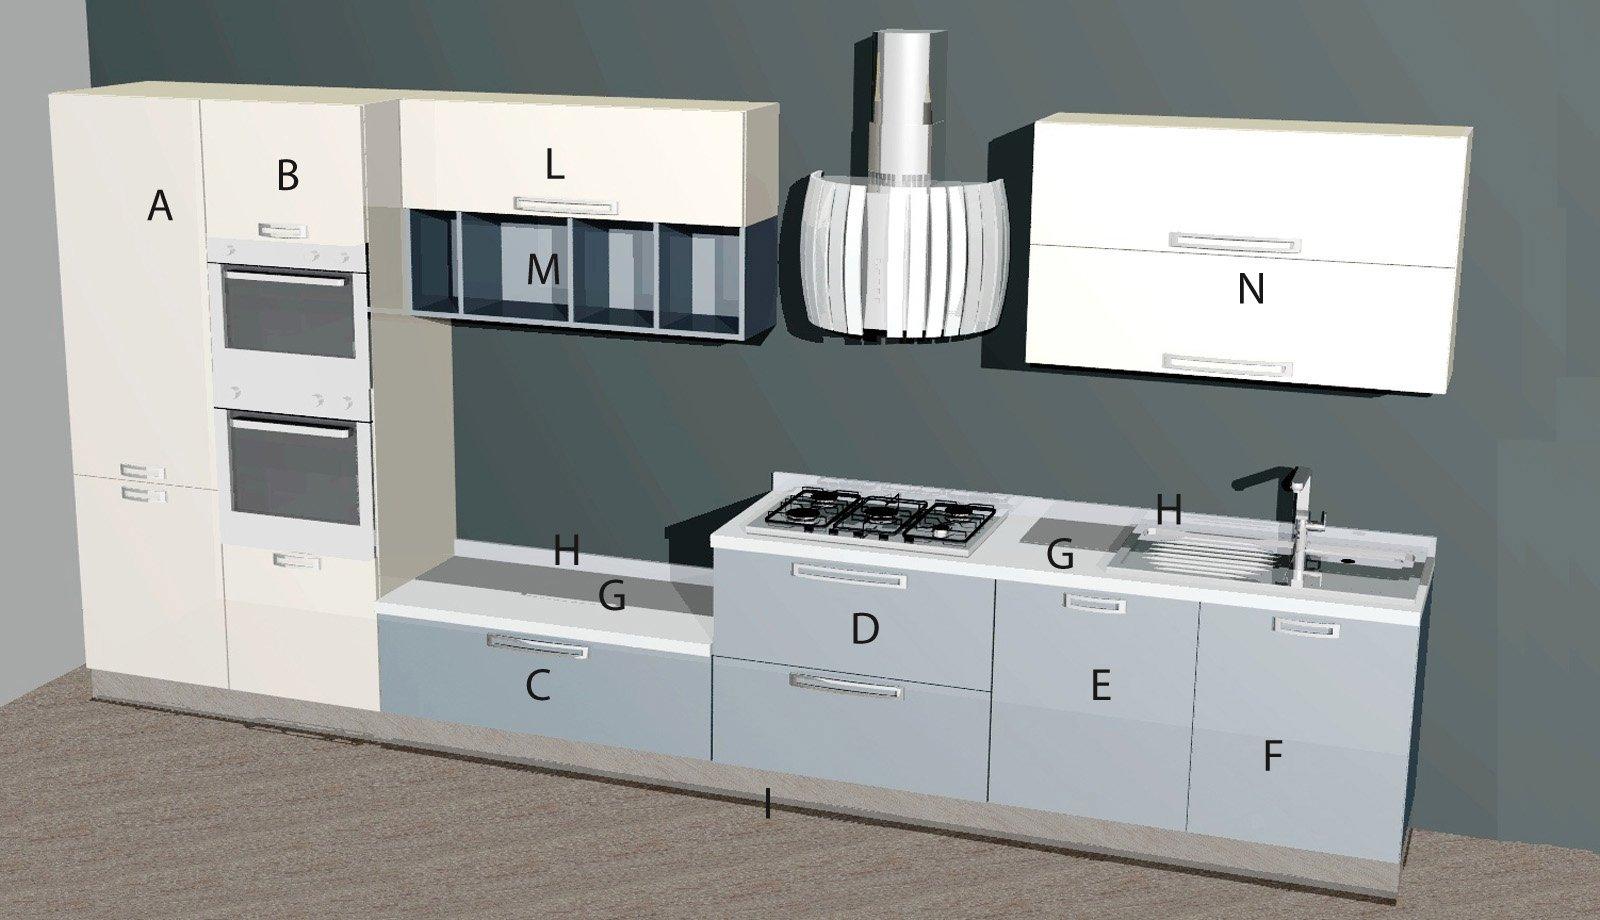 Cucina Compatta Ikea. Frigoikea With Cucina Compatta Ikea. Awesome ...